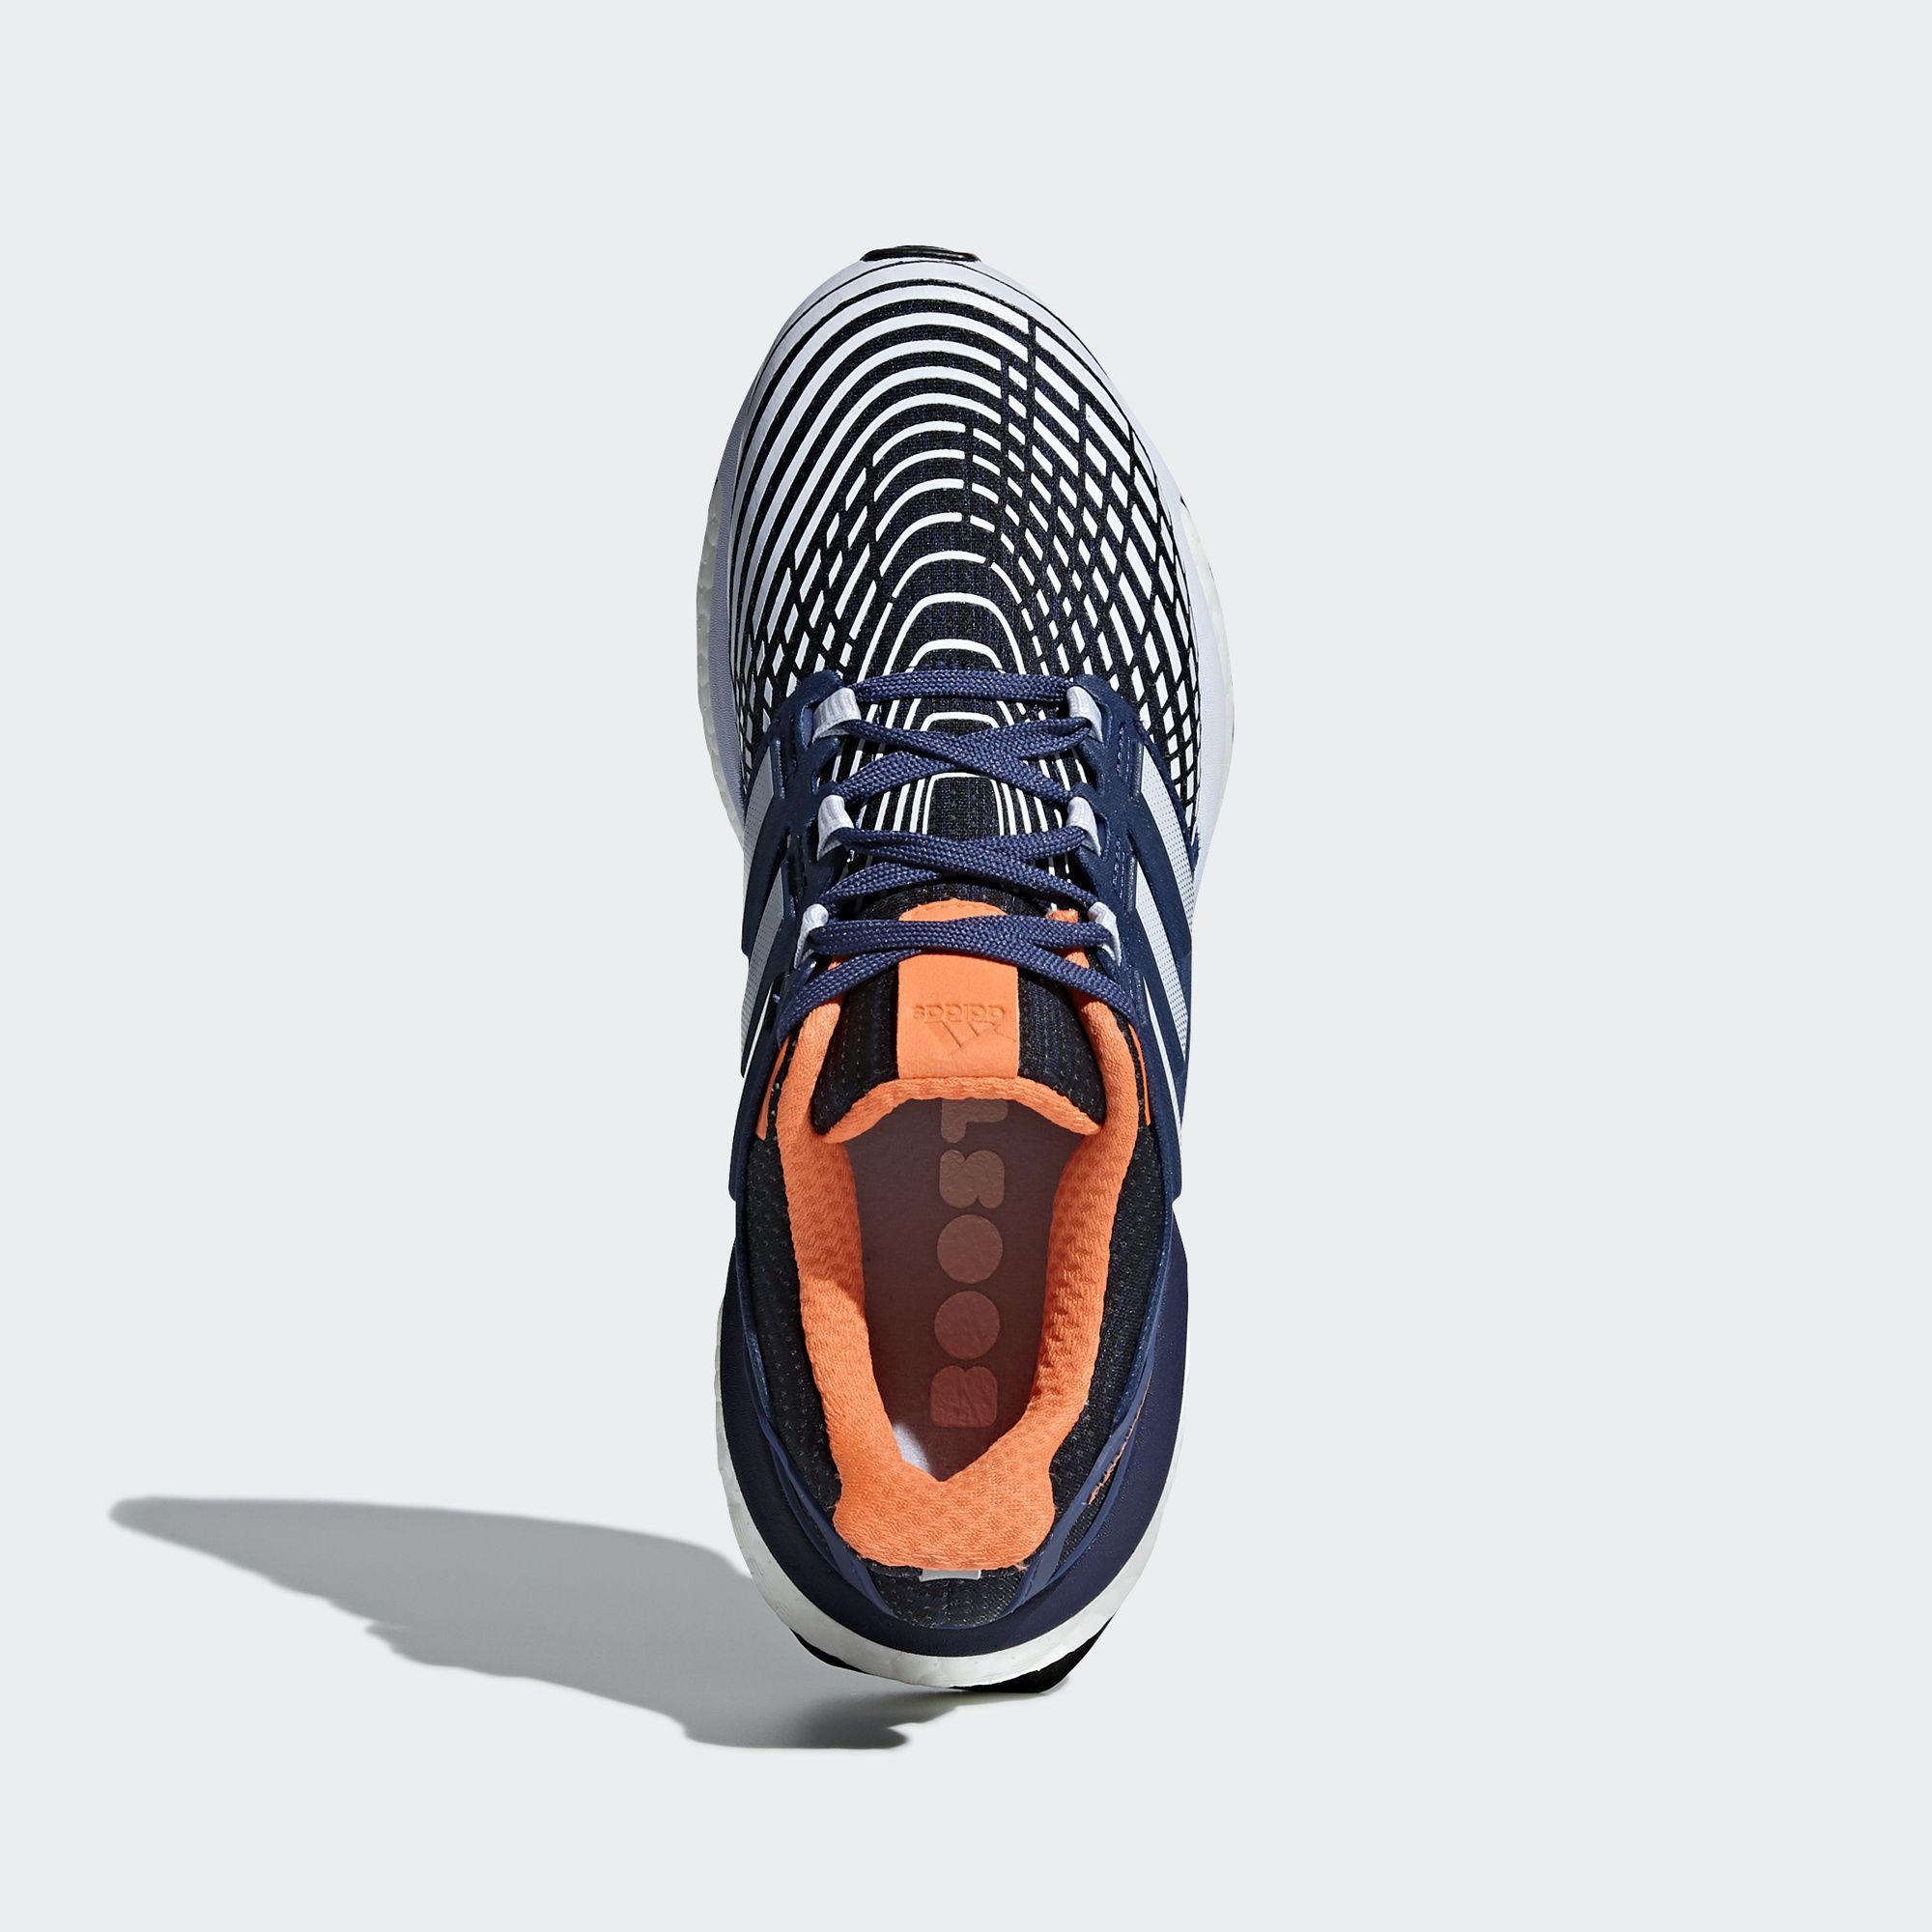 97fed2f08fc29 Adidas Womens Energy Boost Running Shoes - Blue Orange - Tennisnuts.com